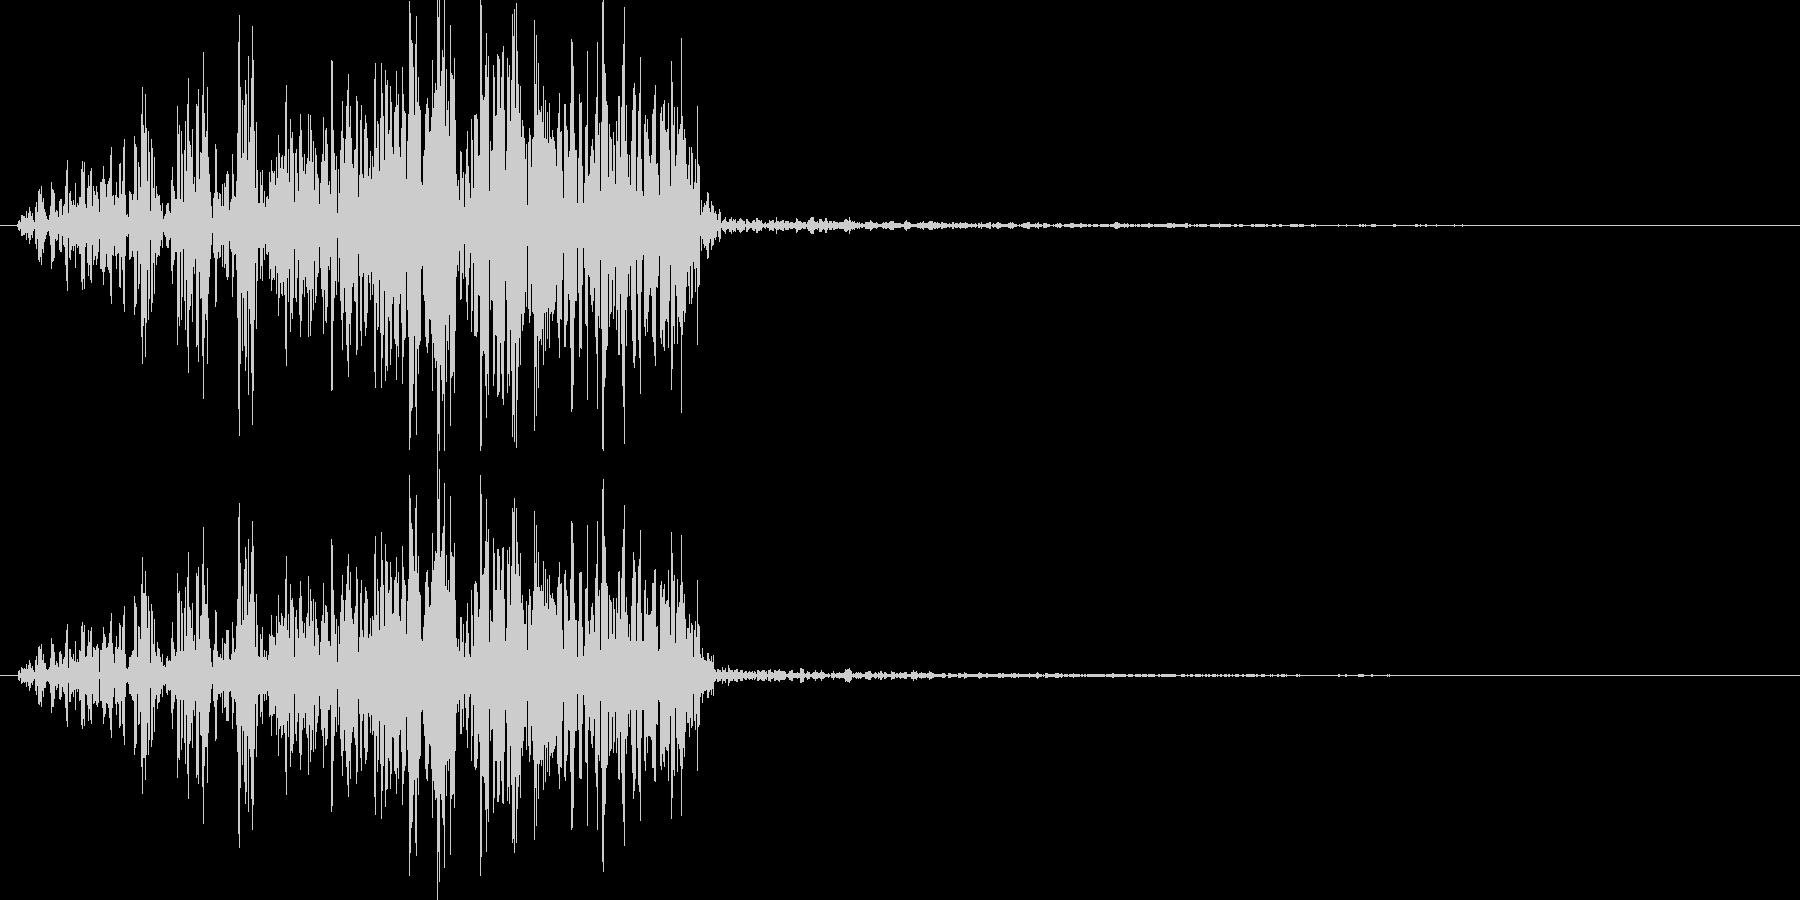 アフリカライオンの鳴き声(叫びに近い)の未再生の波形